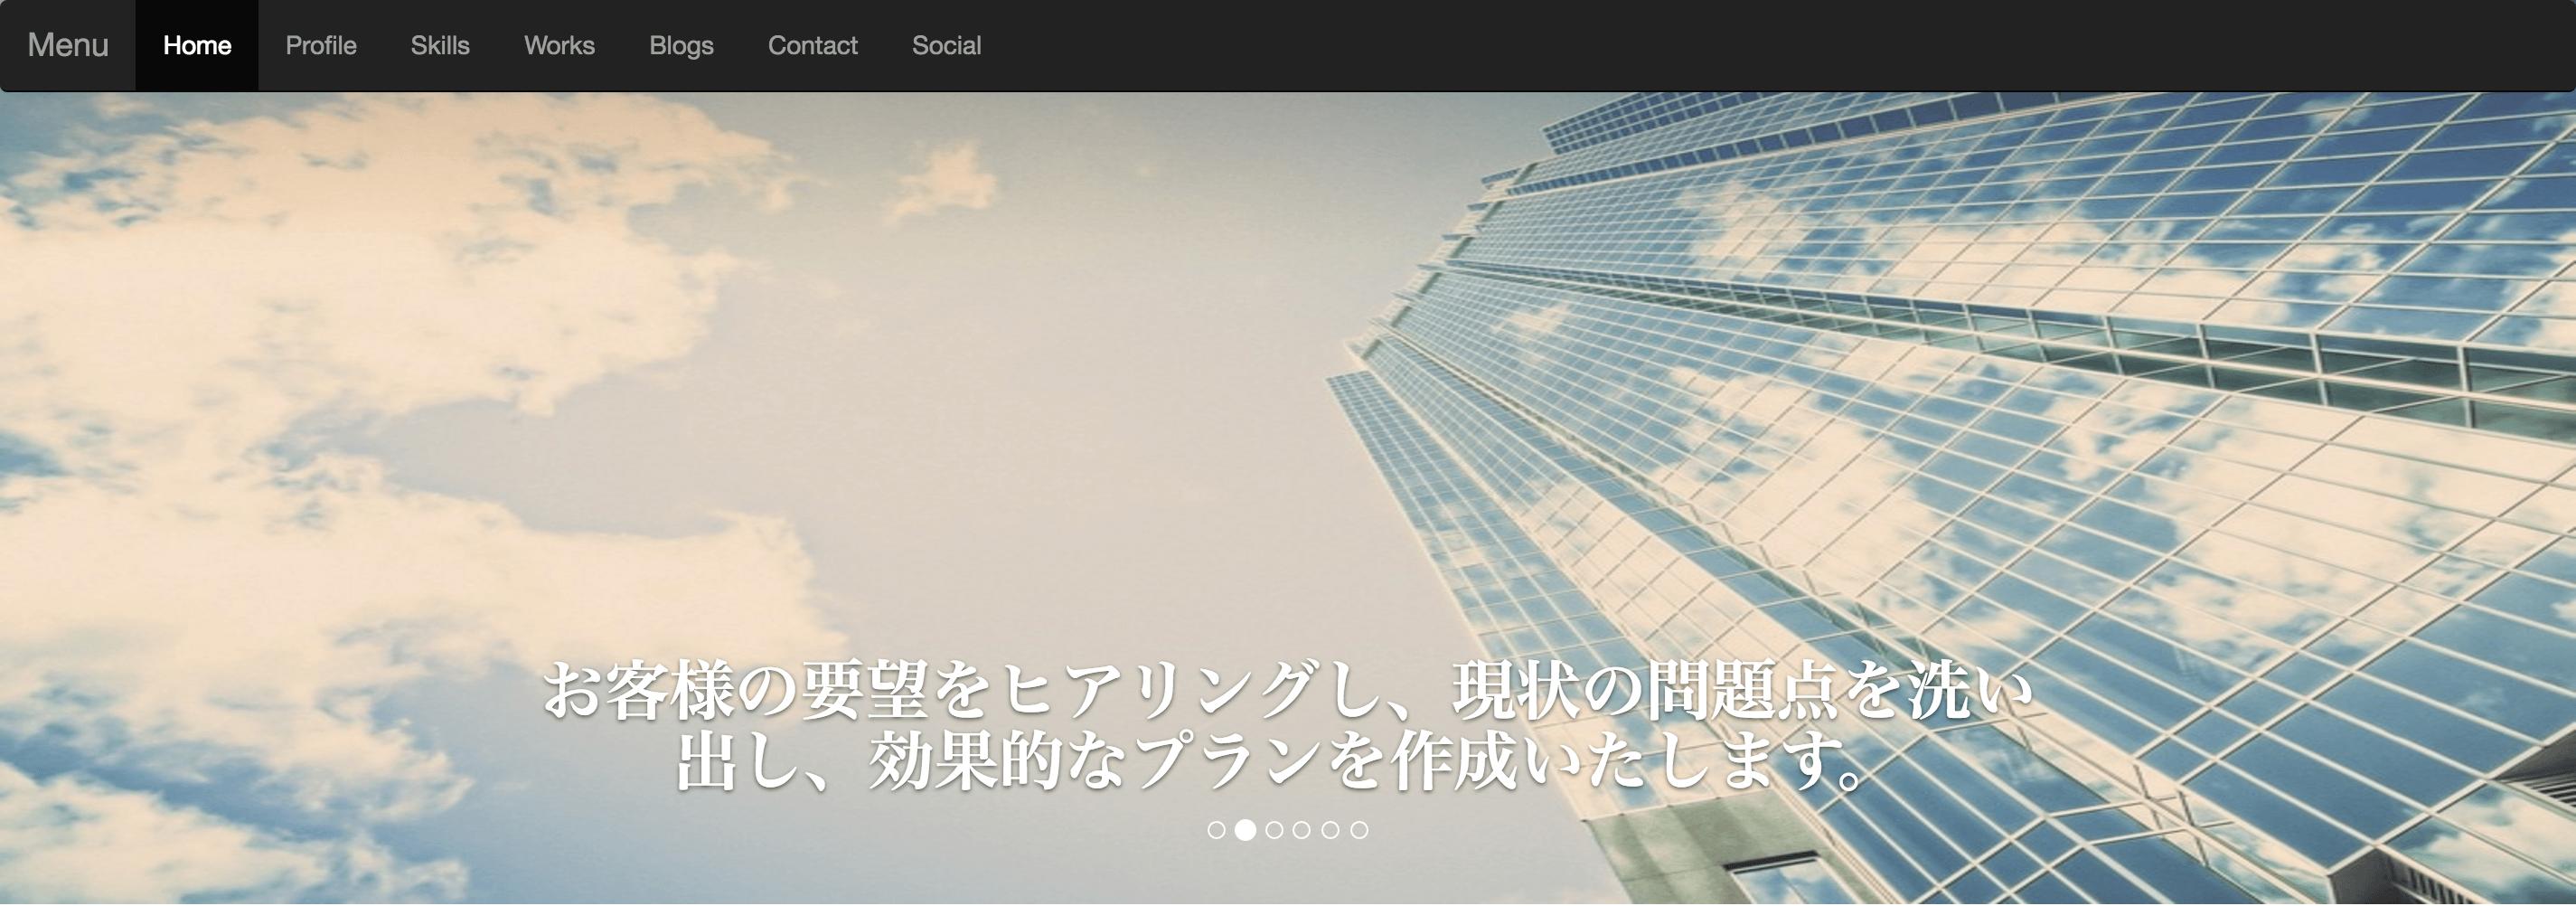 スクリーンショット 2016-05-11 20.21.32